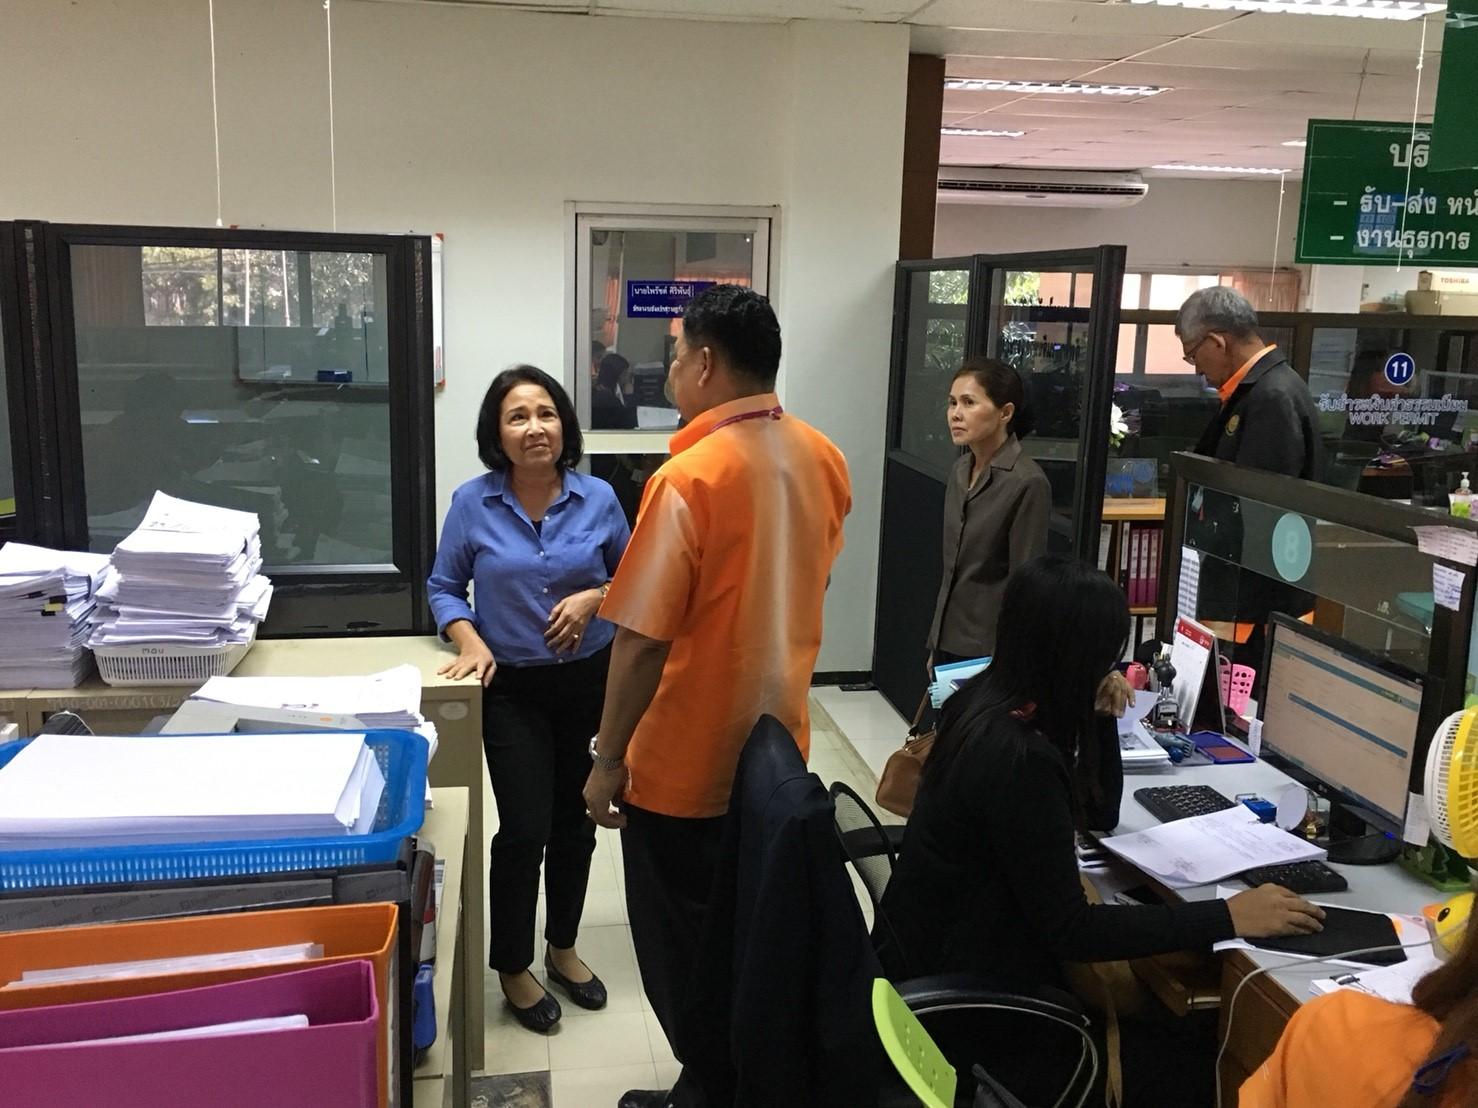 การตรวจเยี่ยมของผู้ตรวจราชการกรมการจัดหางาน (นางอิงอร ช่วยจวน)  ณ สำนักงานจัดหางานจังหวัดสุราษฎร์ธานี  ในวันที่ 06 กันยายน 2561